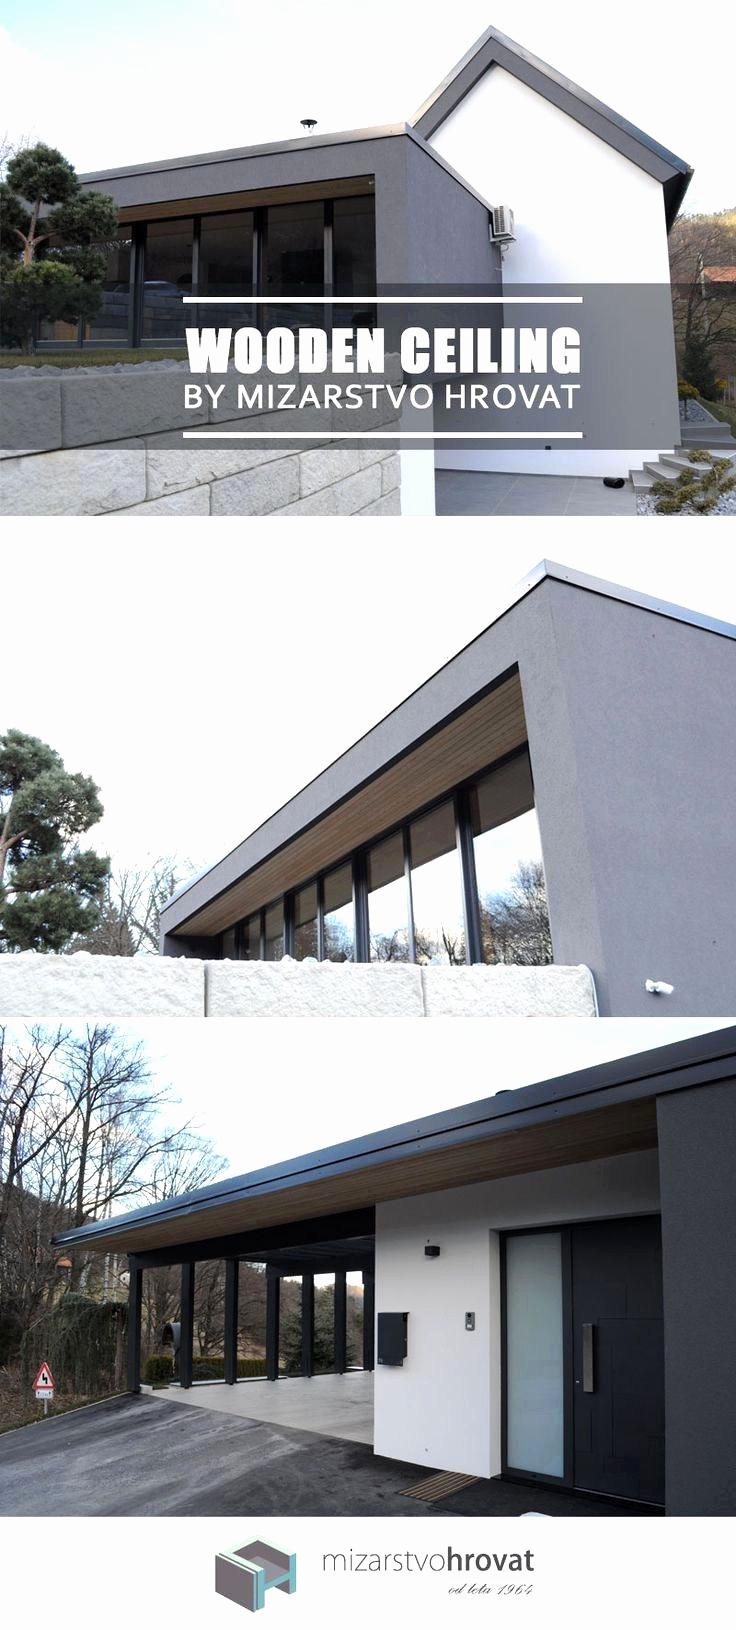 paravent exterieur castorama beau store veranda exterieur of paravent exterieur castorama